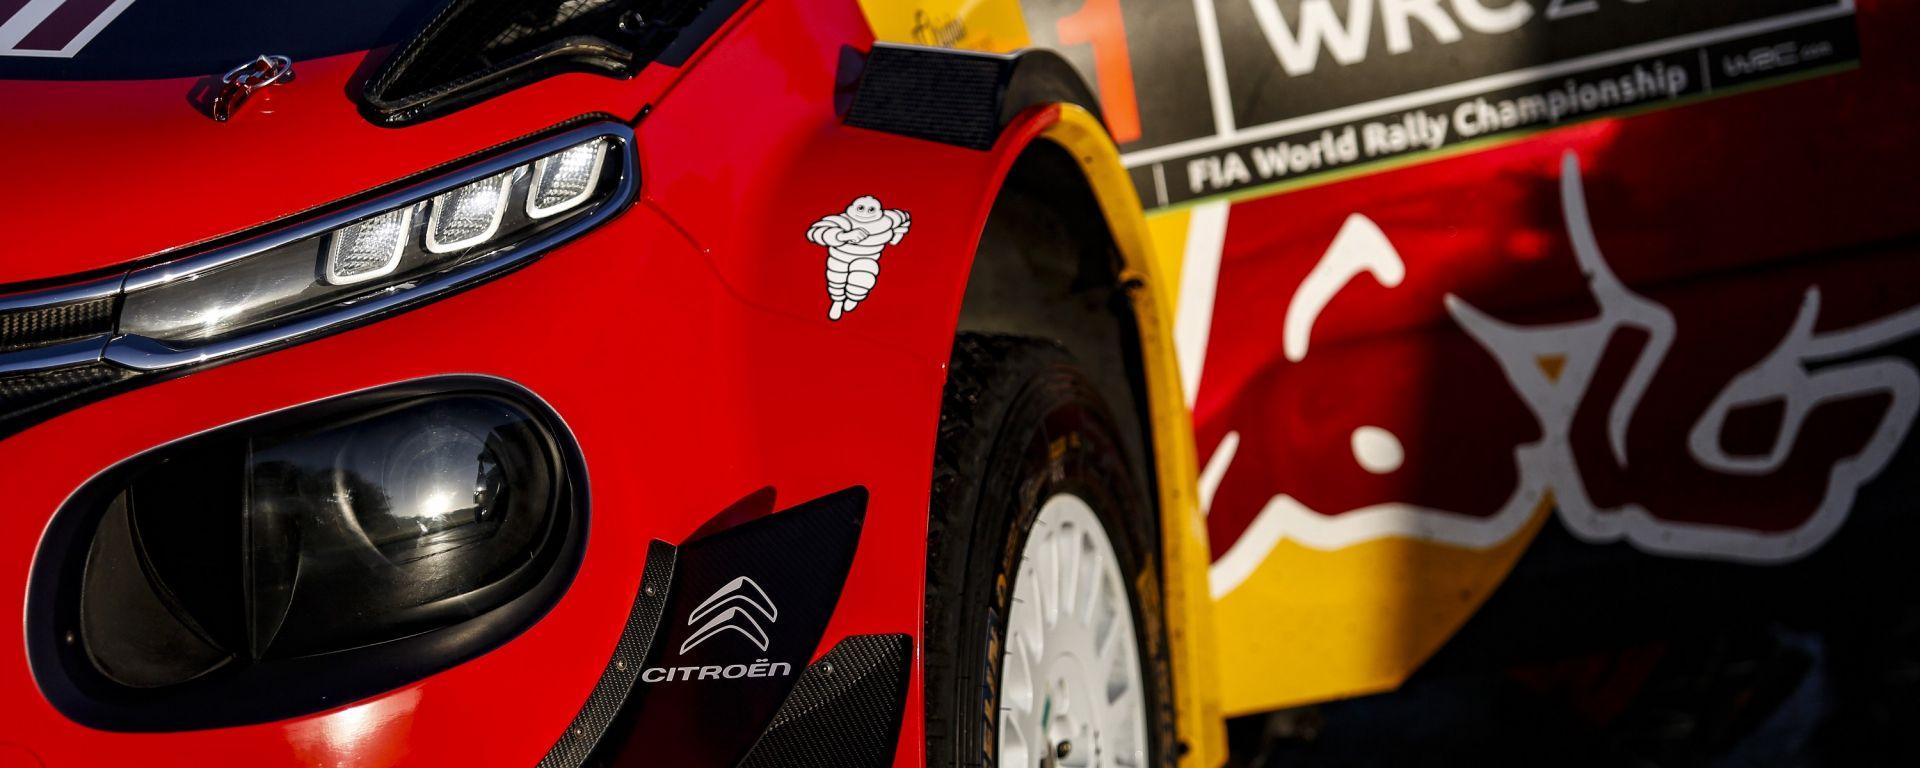 Citroen Racing mostra la livrea celebrativa per i cento anni